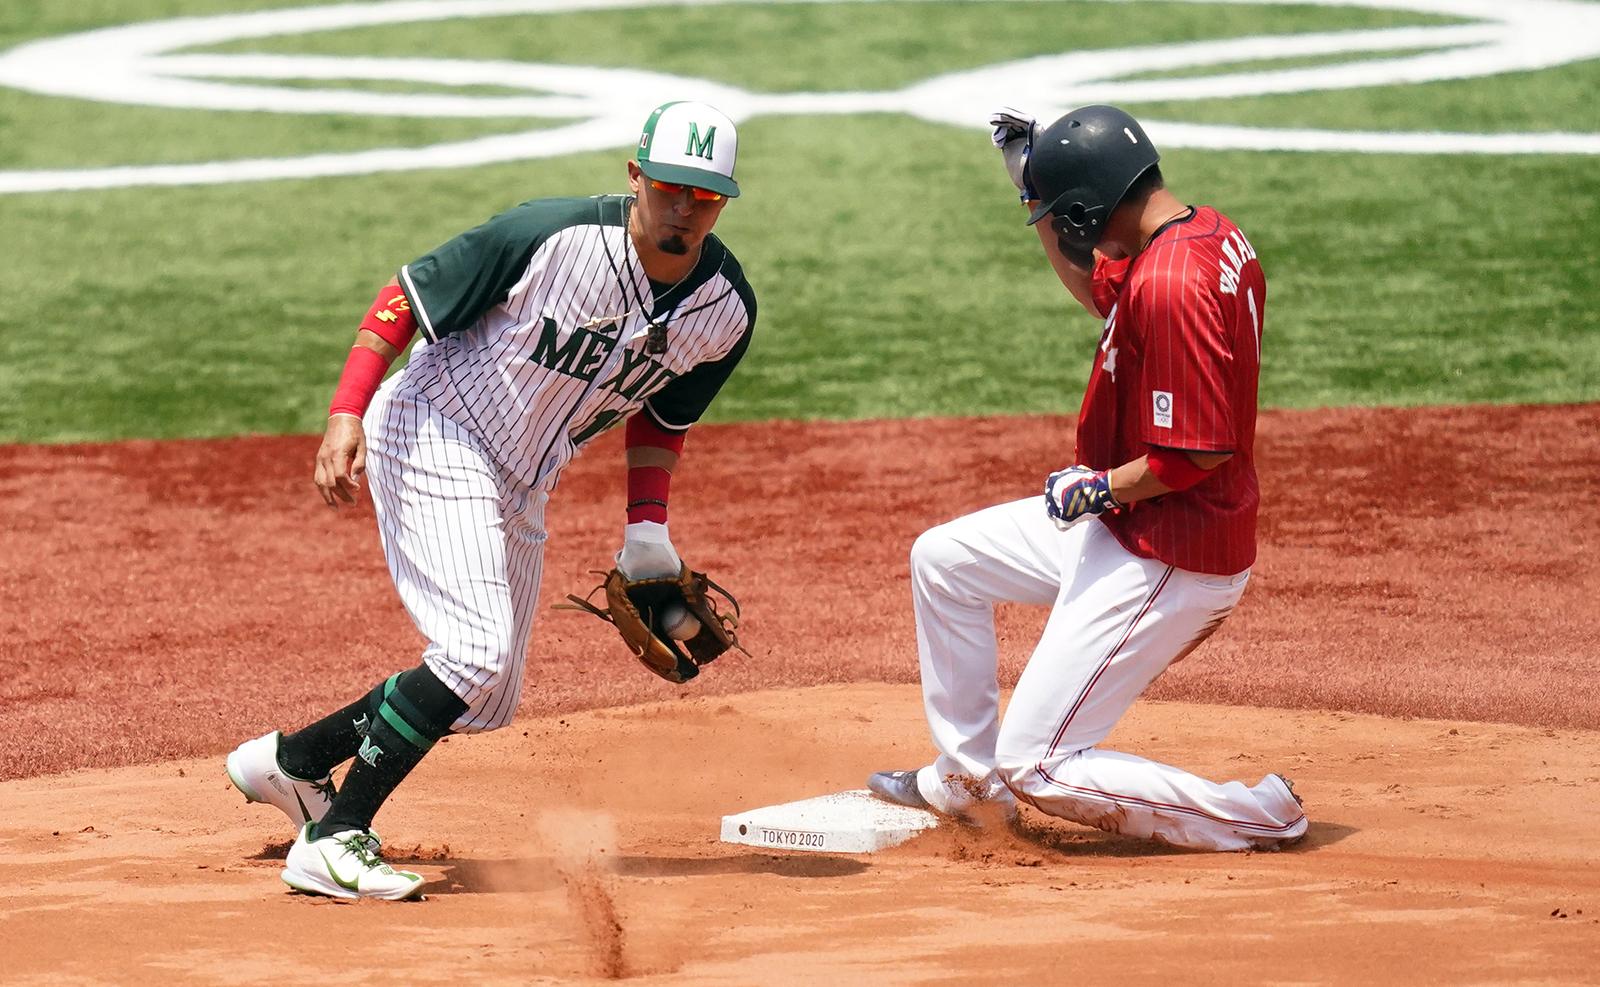 Japan's Tetsuto Yamada, right, steals second base past Mexico's Ramiro Pena during a baseball game at Yokohama Baseball Stadium during the 2020 Summer Olympics, Saturday, July 31, 2021, in Yokohama, Japan. AP